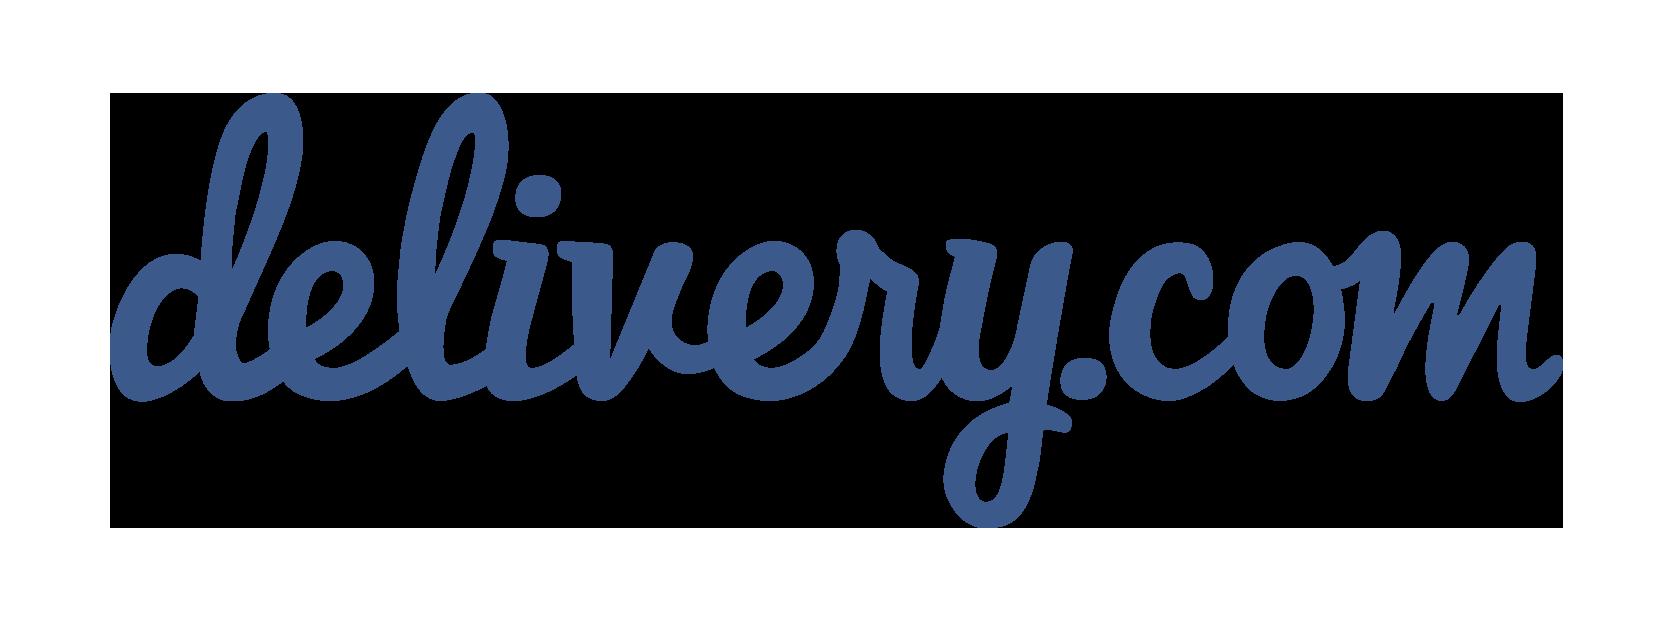 Blue color logo with no tagline